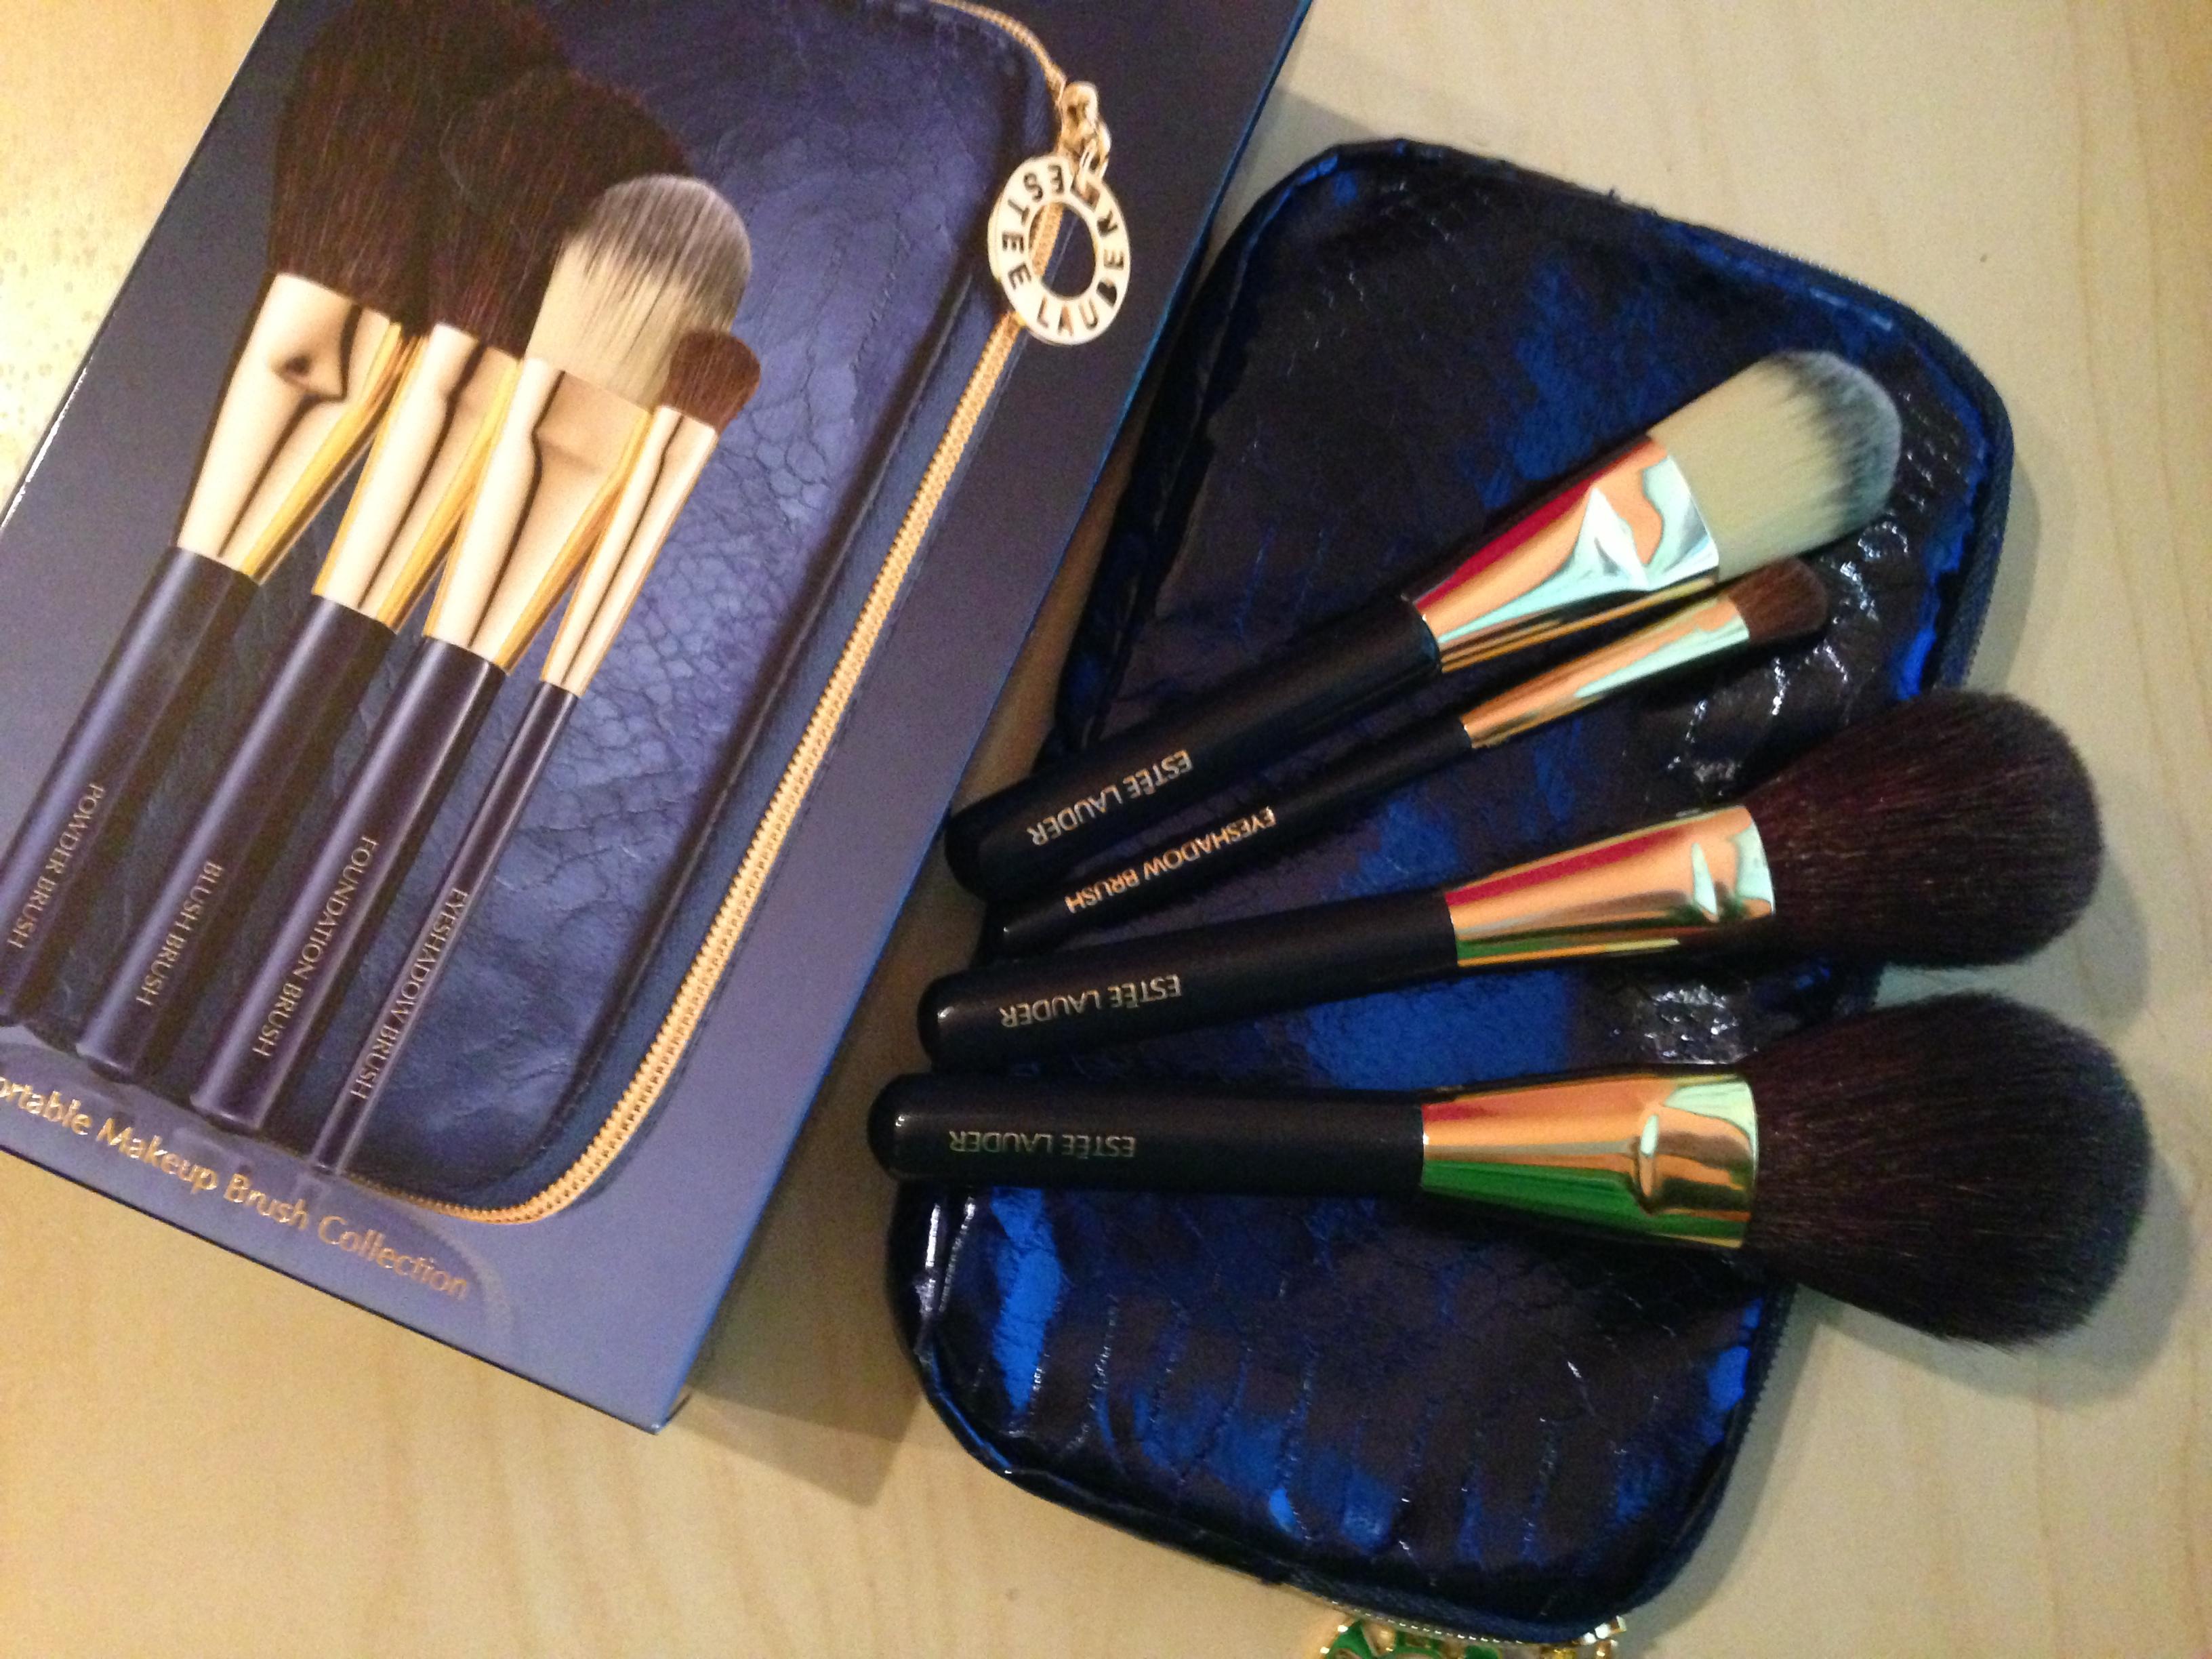 estee lauder portable make up brush collection. Black Bedroom Furniture Sets. Home Design Ideas